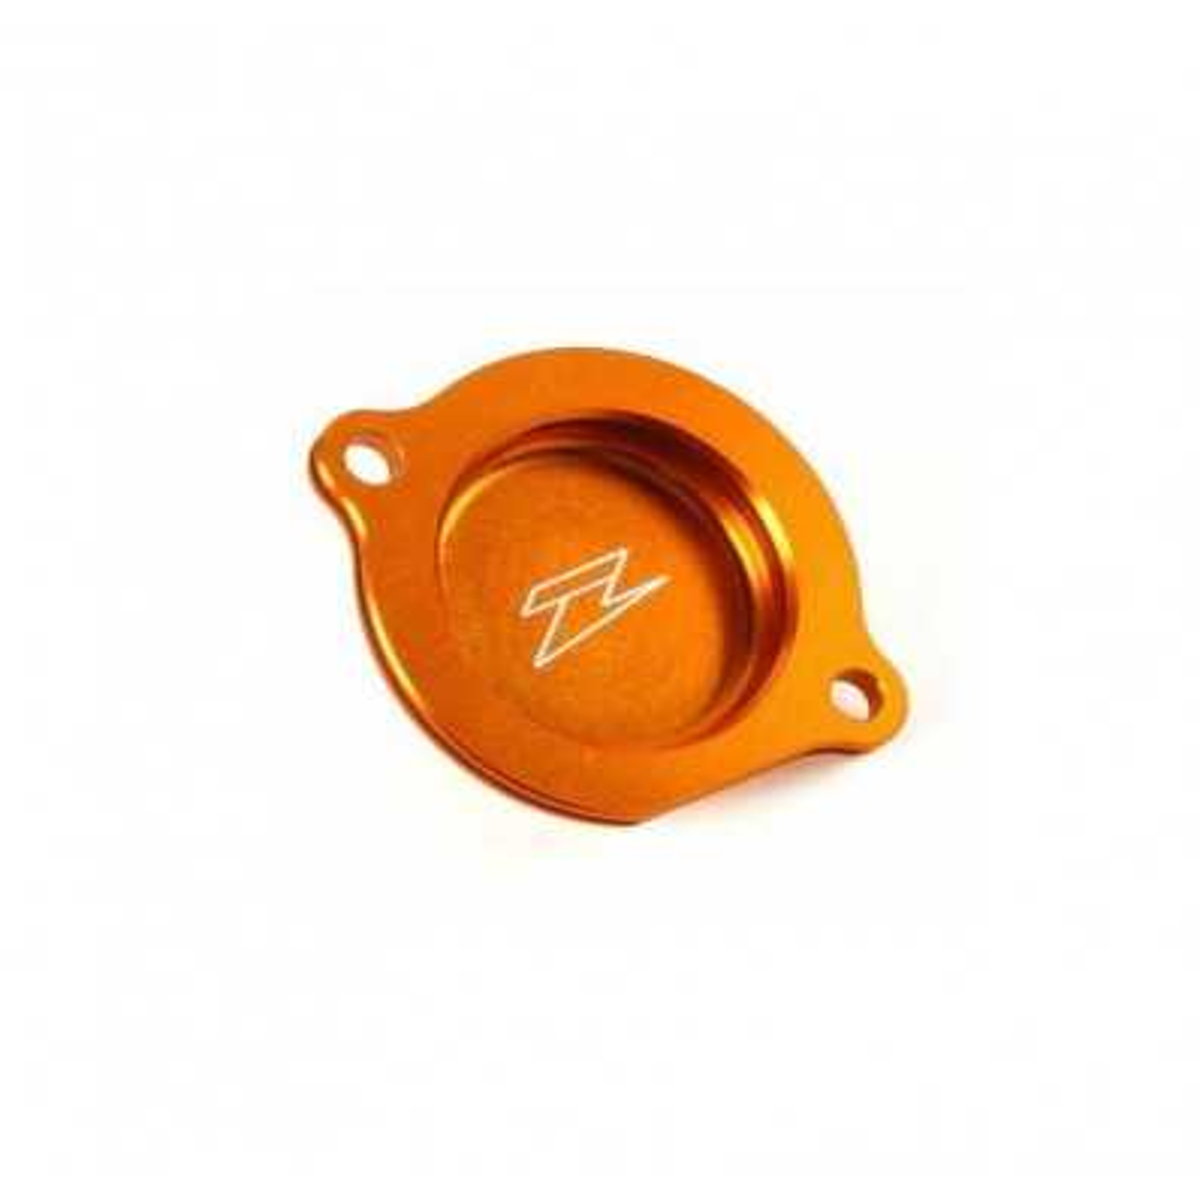 ZE90.1417 - Tapa Filtro Aceite Zeta Ktm250Exc Sx Naranja